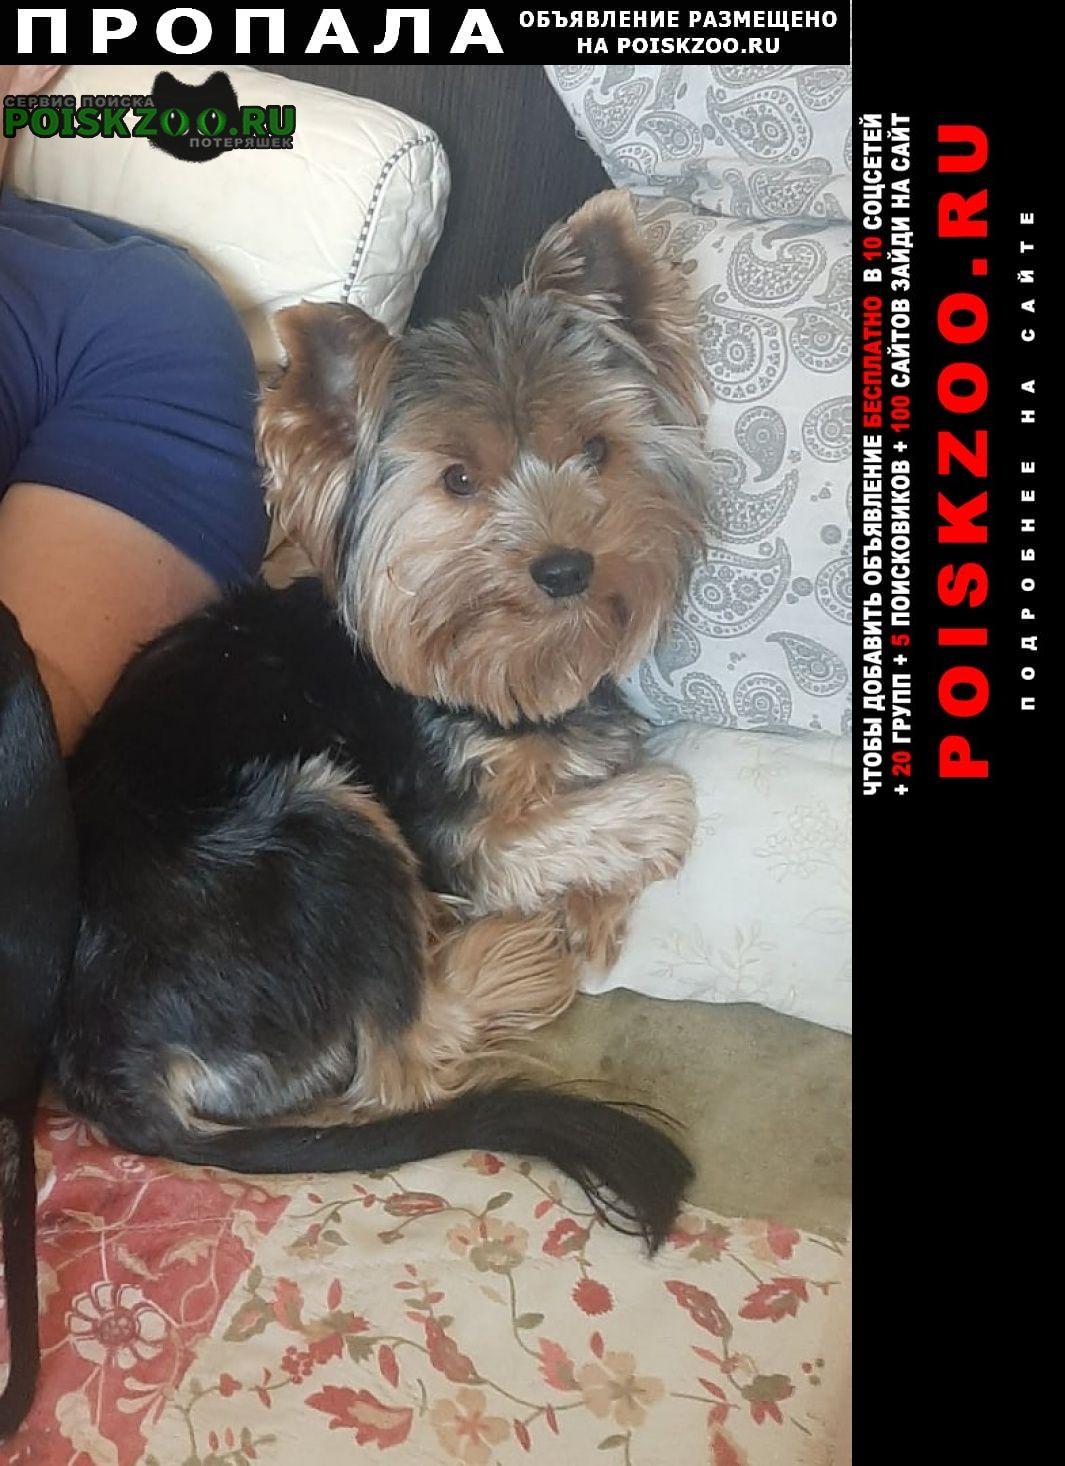 Пропала собака кобель Динская